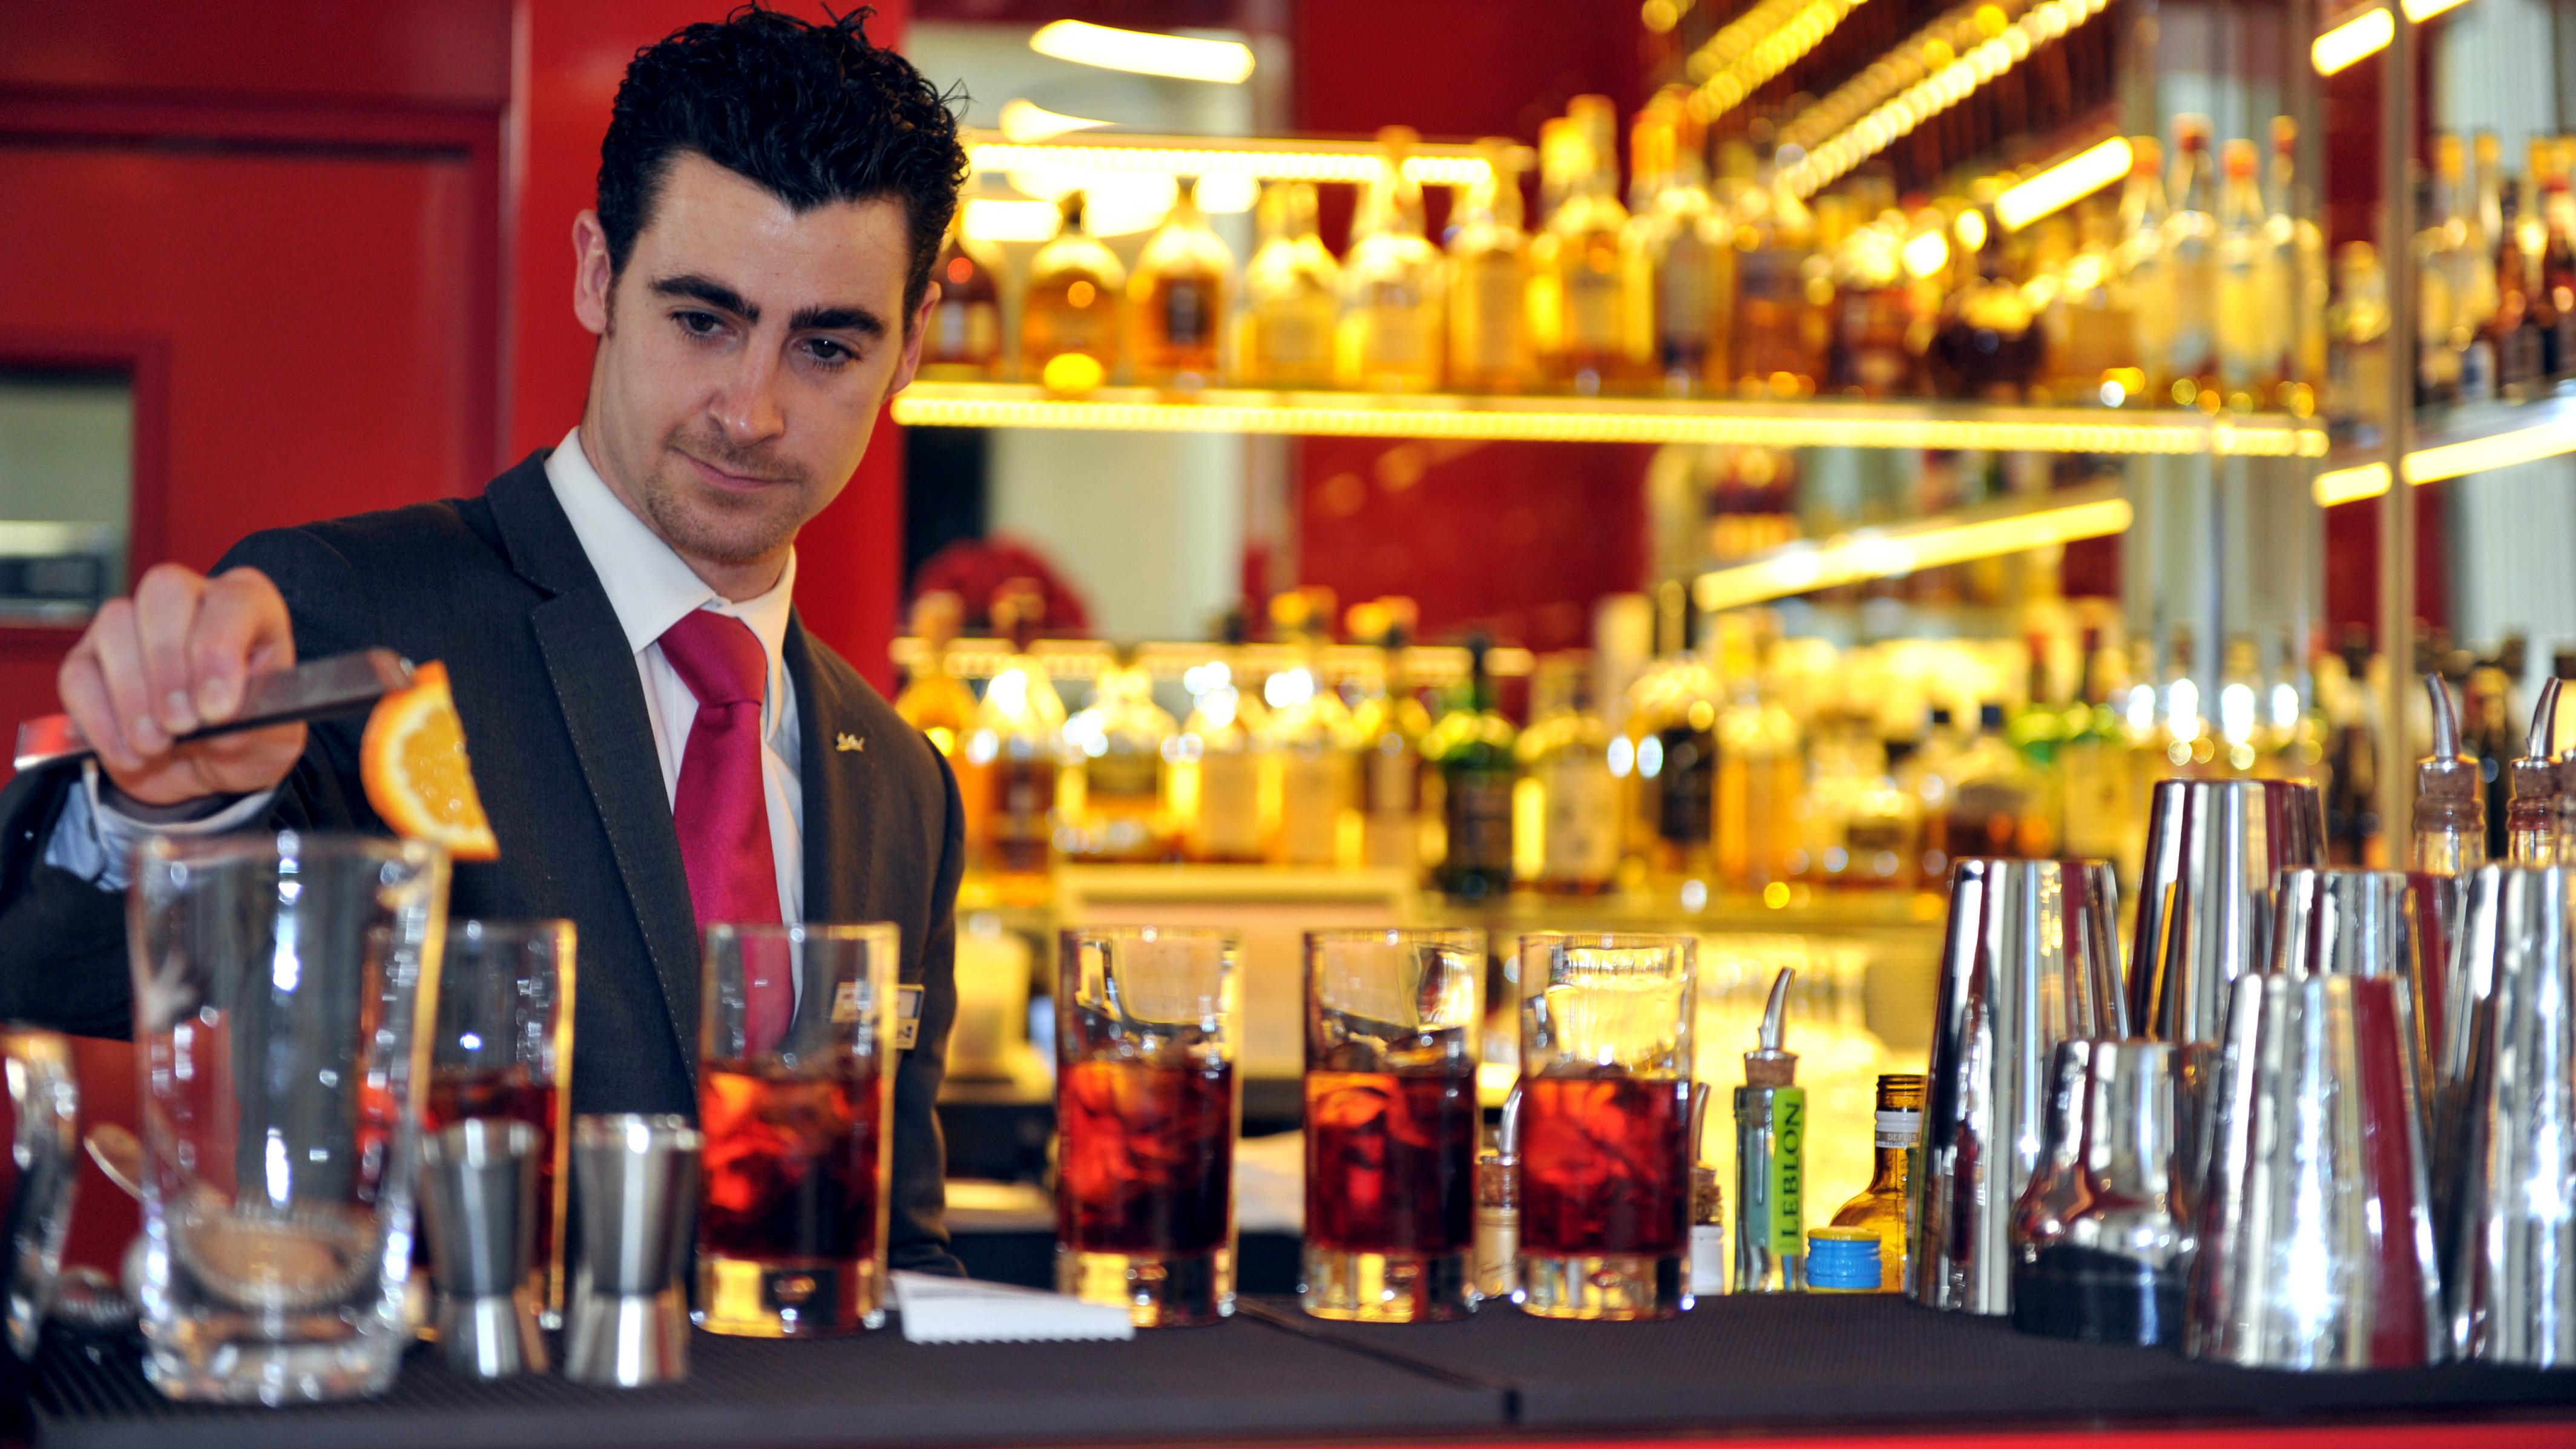 Sample Bartender Resume Example